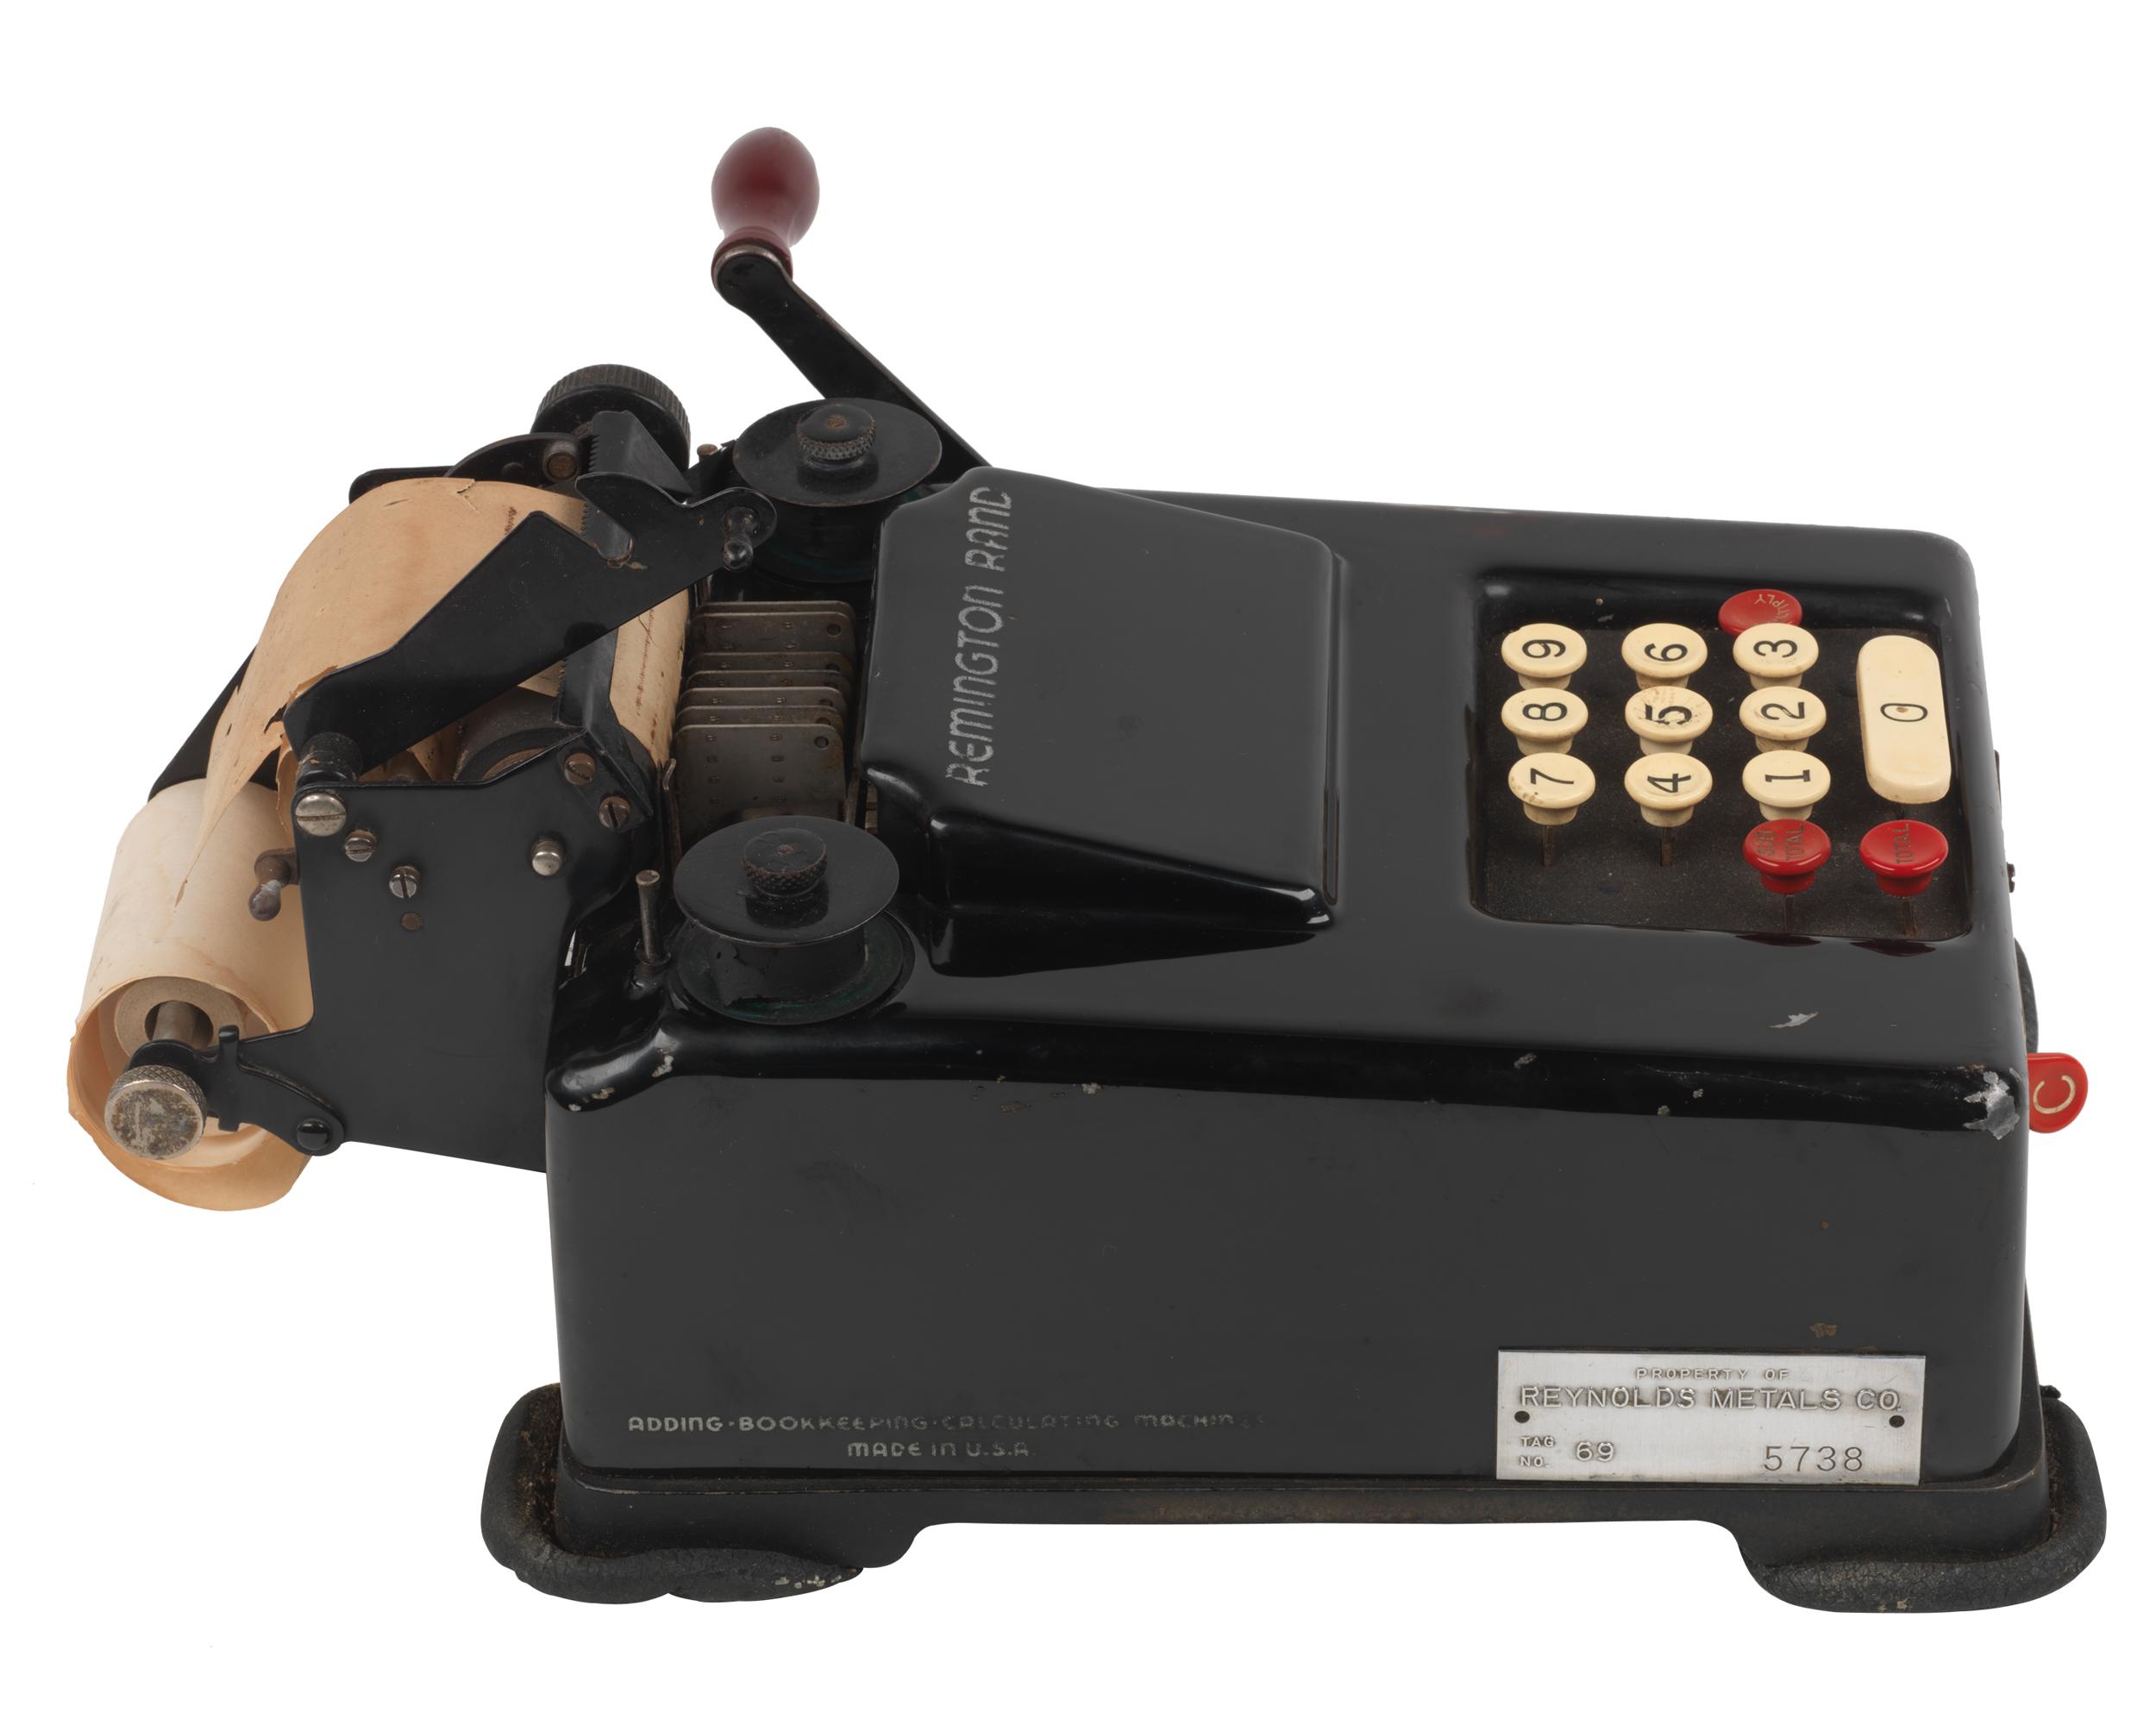 Remington calculator in antique cash registers & adding machines.